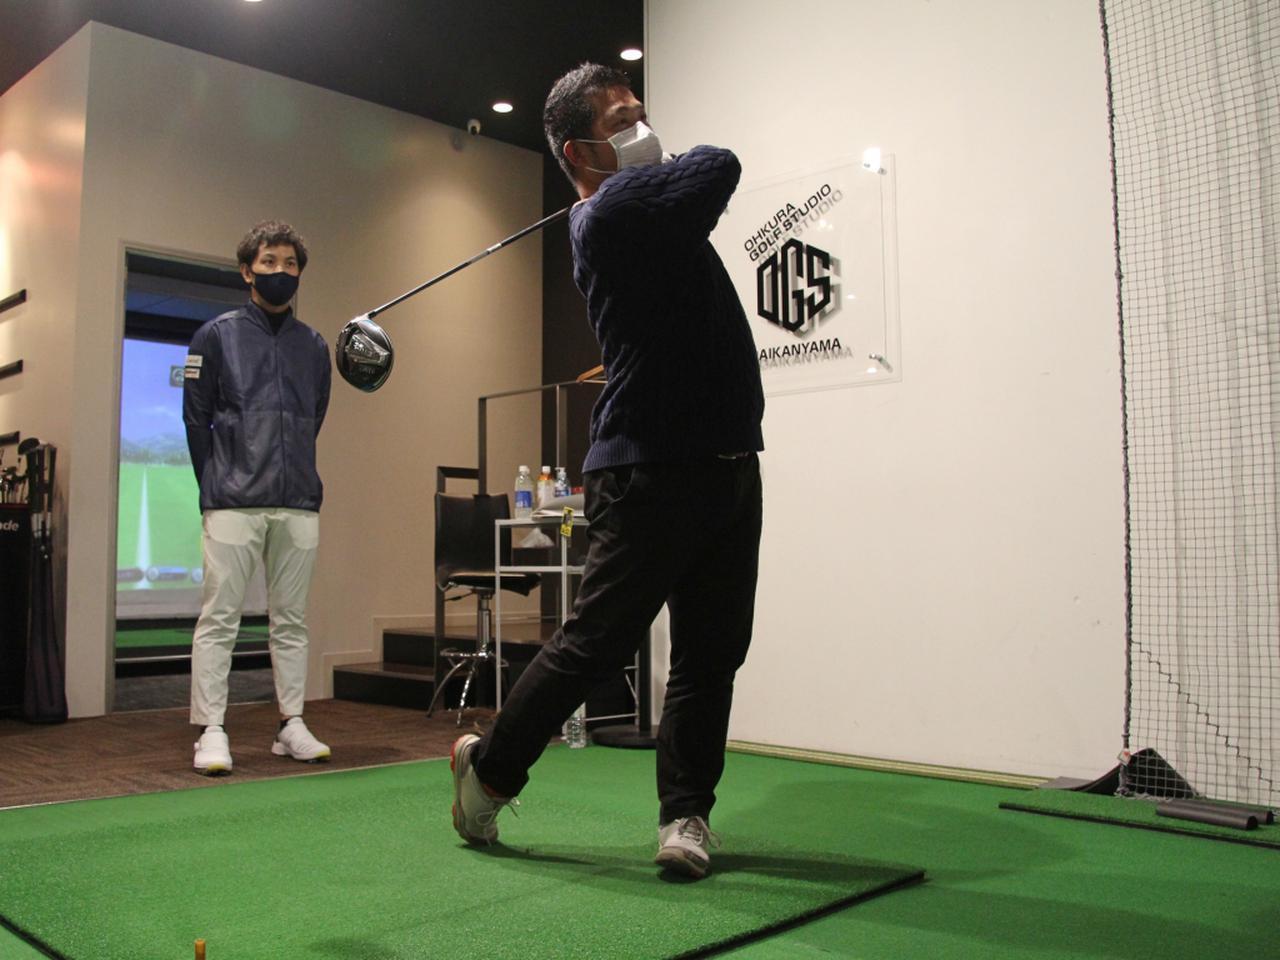 画像: Sは平均スコア90前後、ゴルフ歴約15年の中年ゴルファー。ヘッドスピードは42~43m/sのフェードヒッター